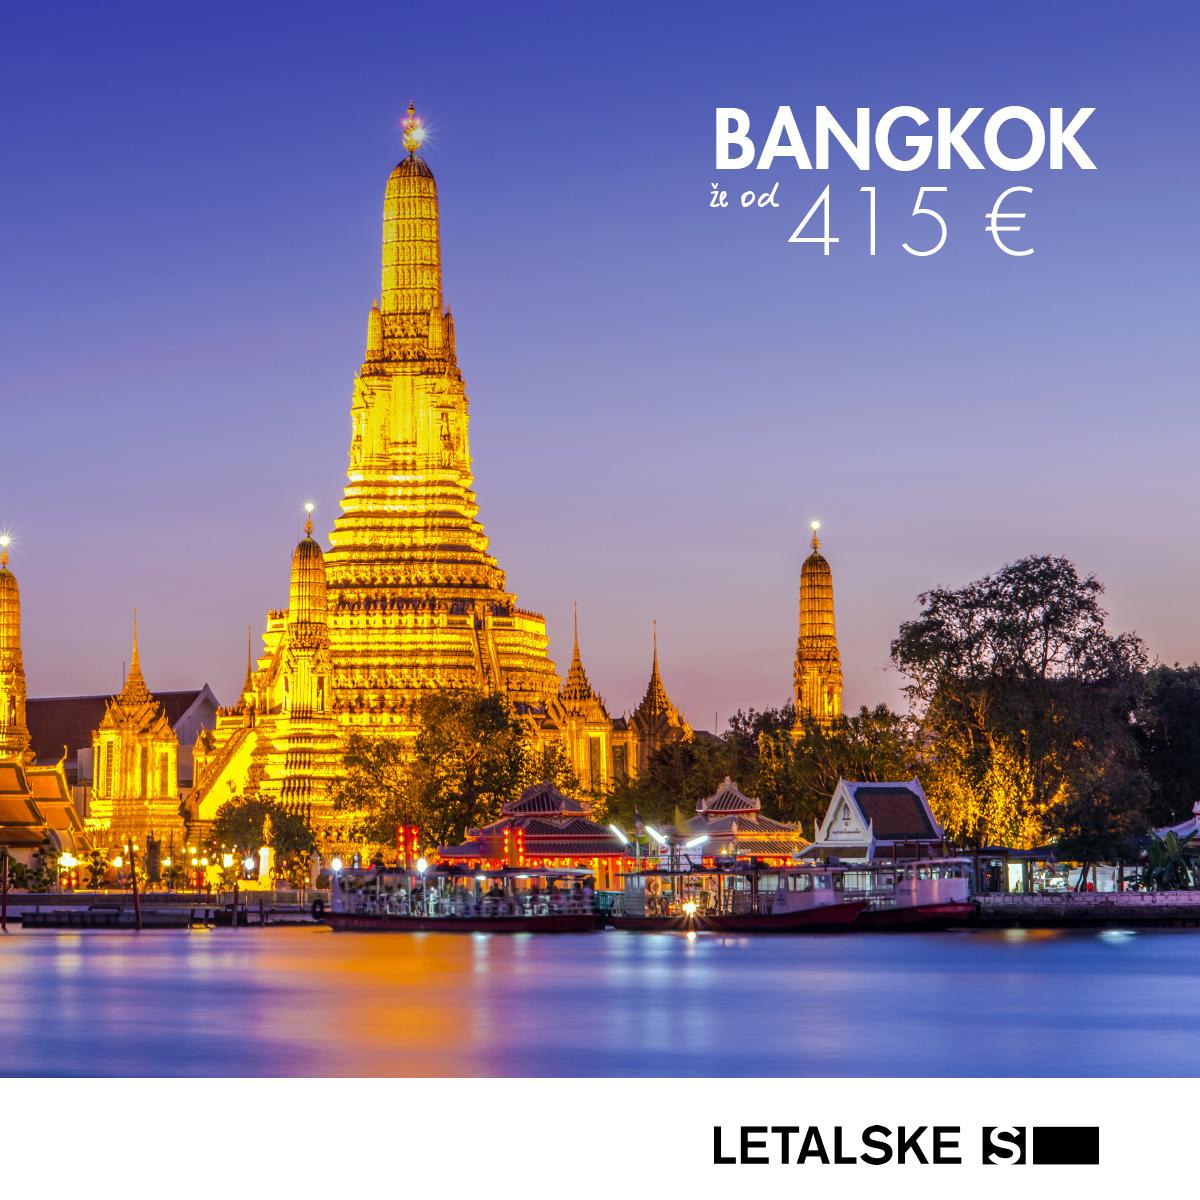 Bangkok vizual, Bangkok već od 3190 kuna, Bangkok jeftine avio karte, putovanje za Bangkok